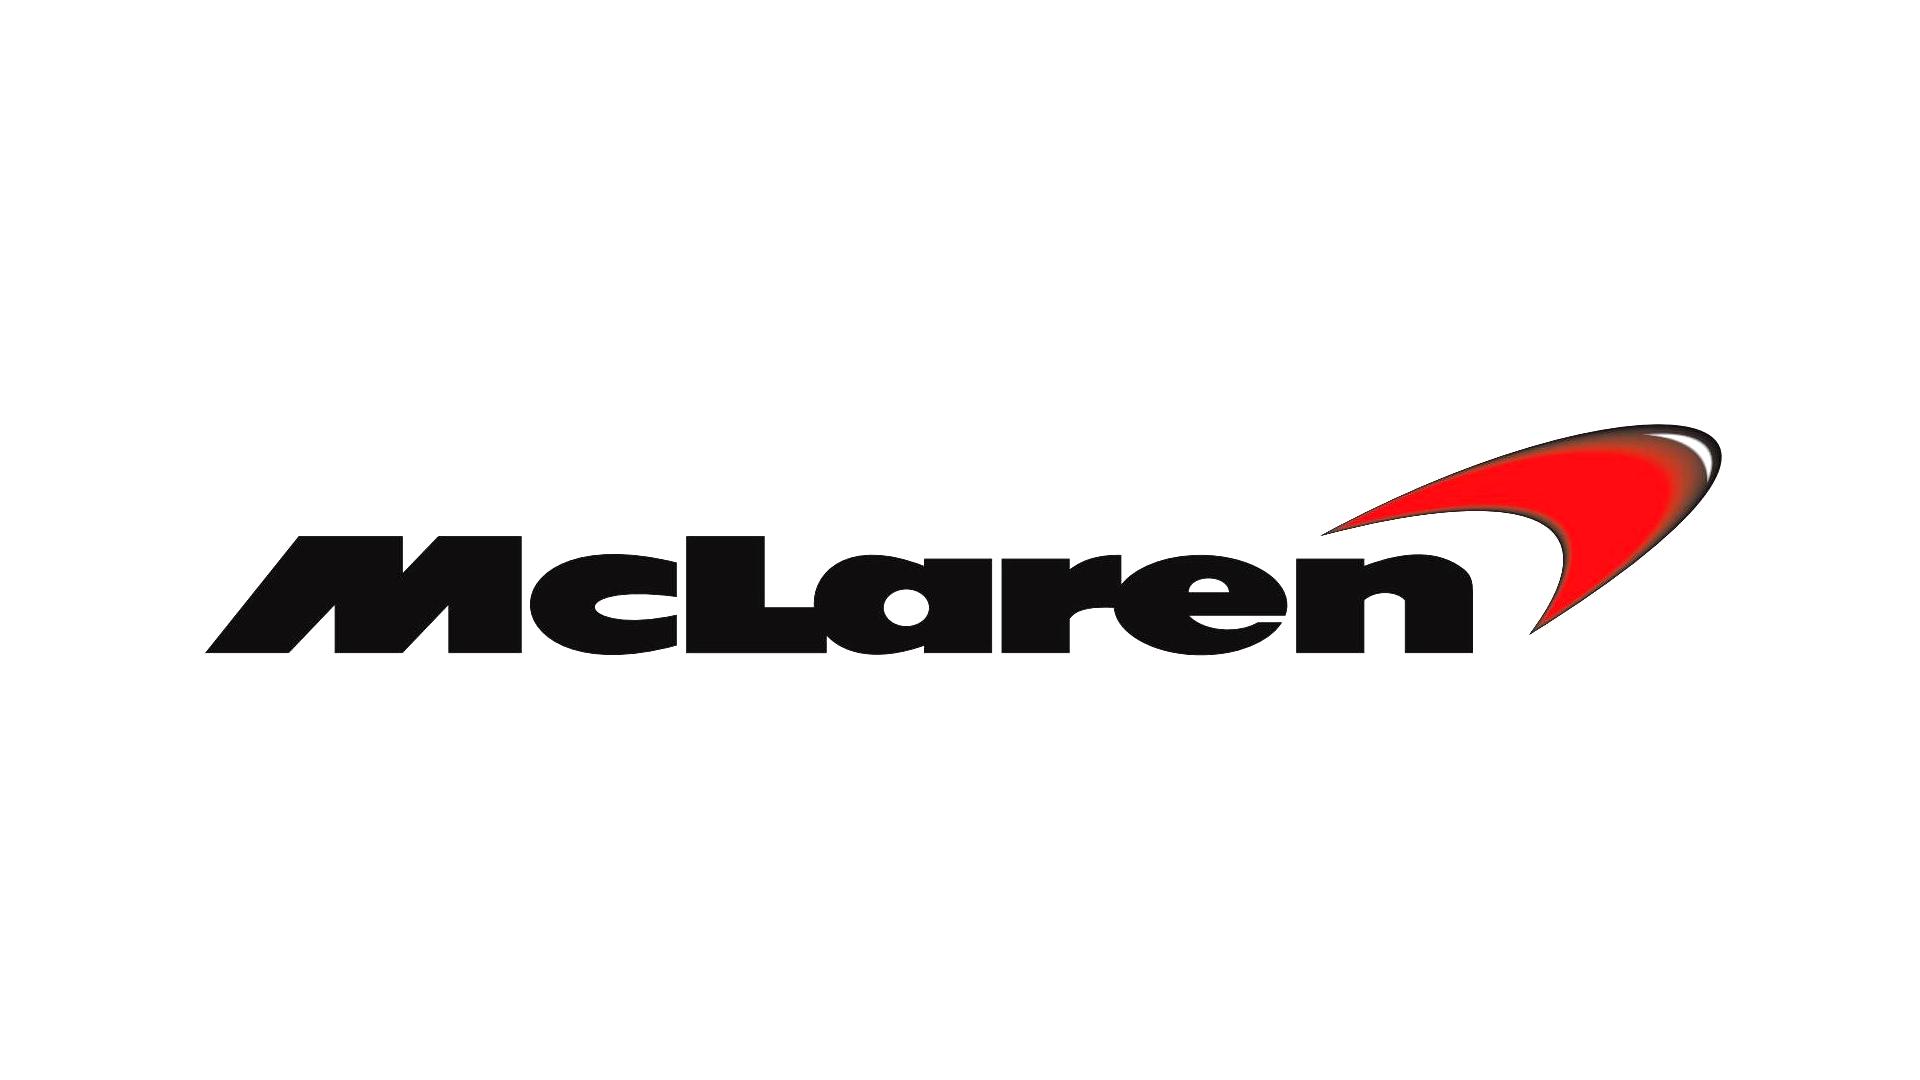 1920x1080 HD Png - Mclaren Logo PNG